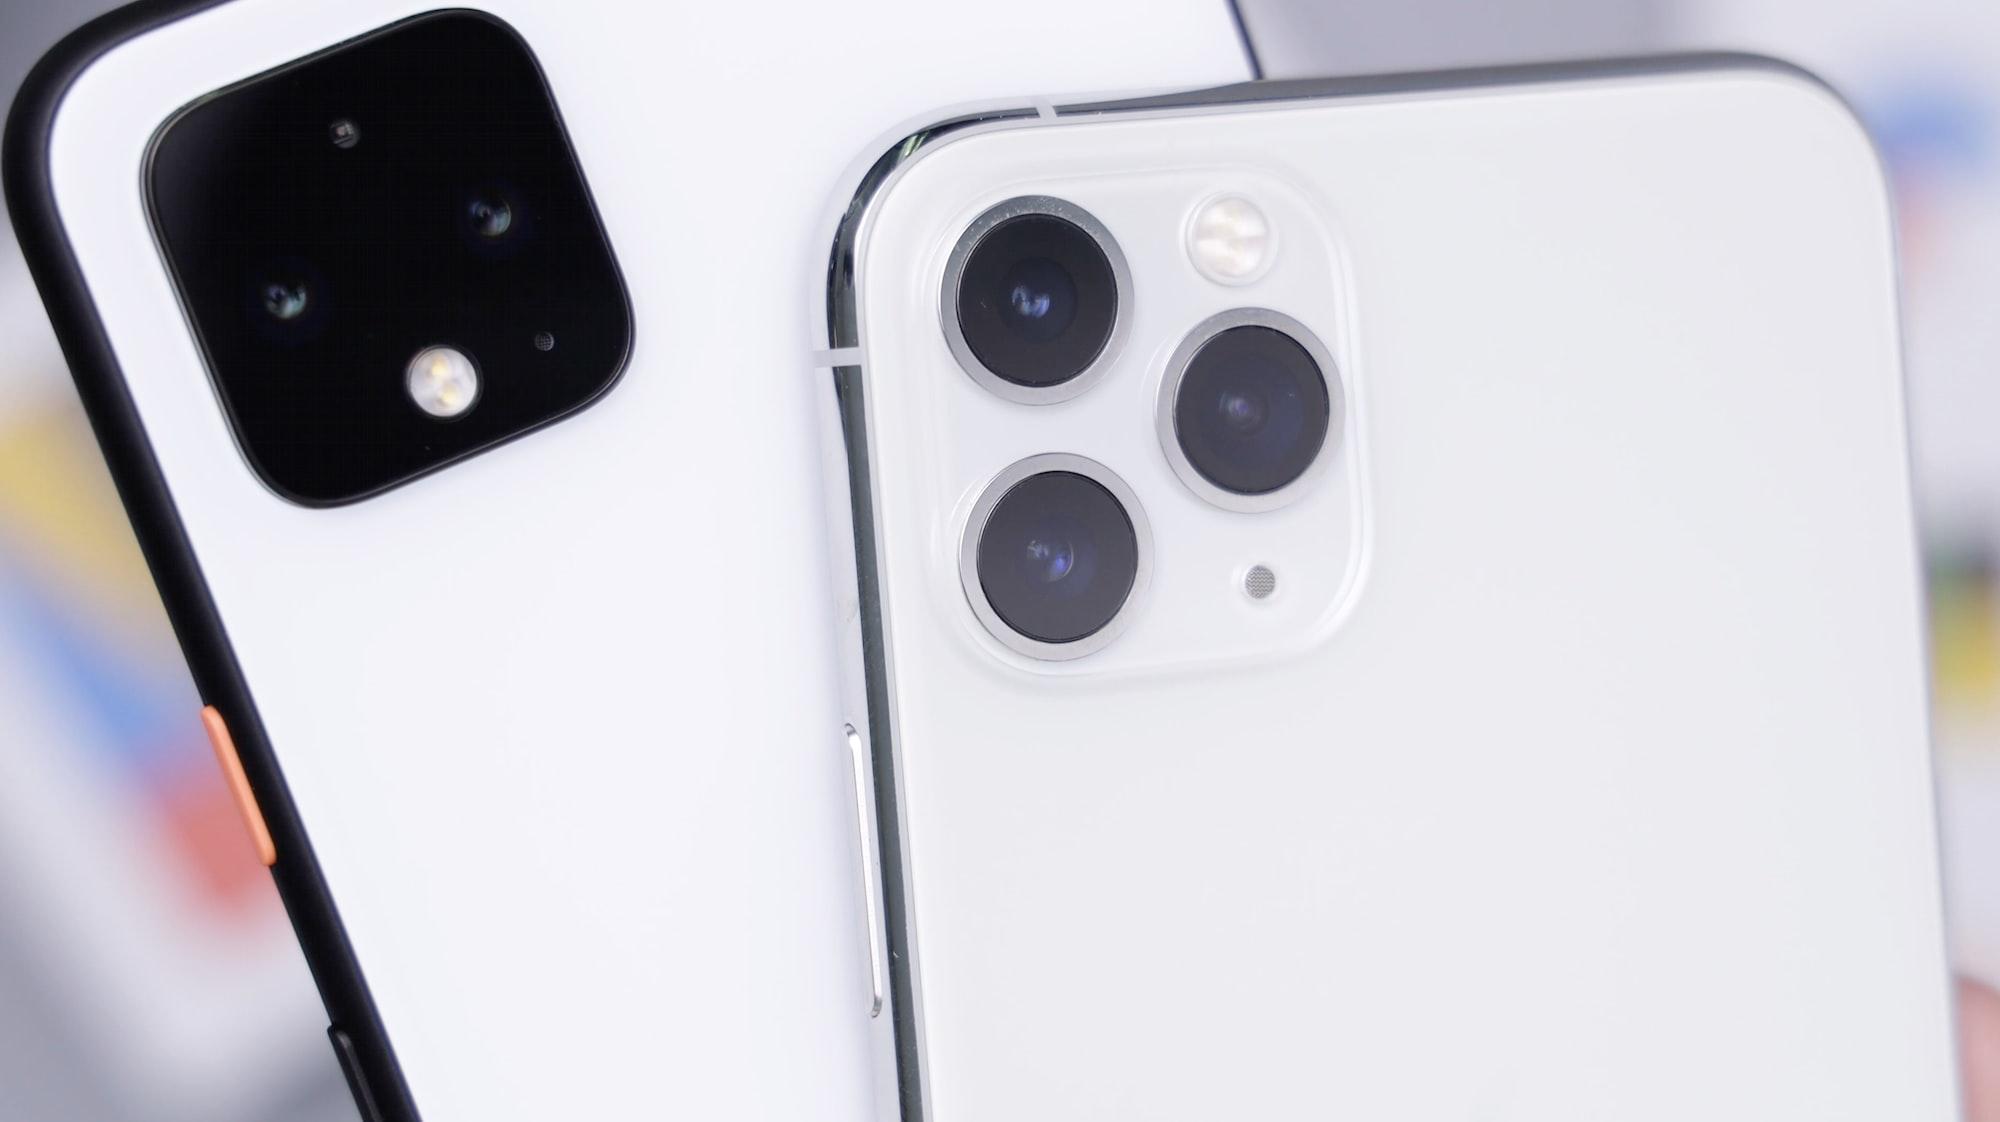 White Pixel4XL & Silver iPhone 11 Pro